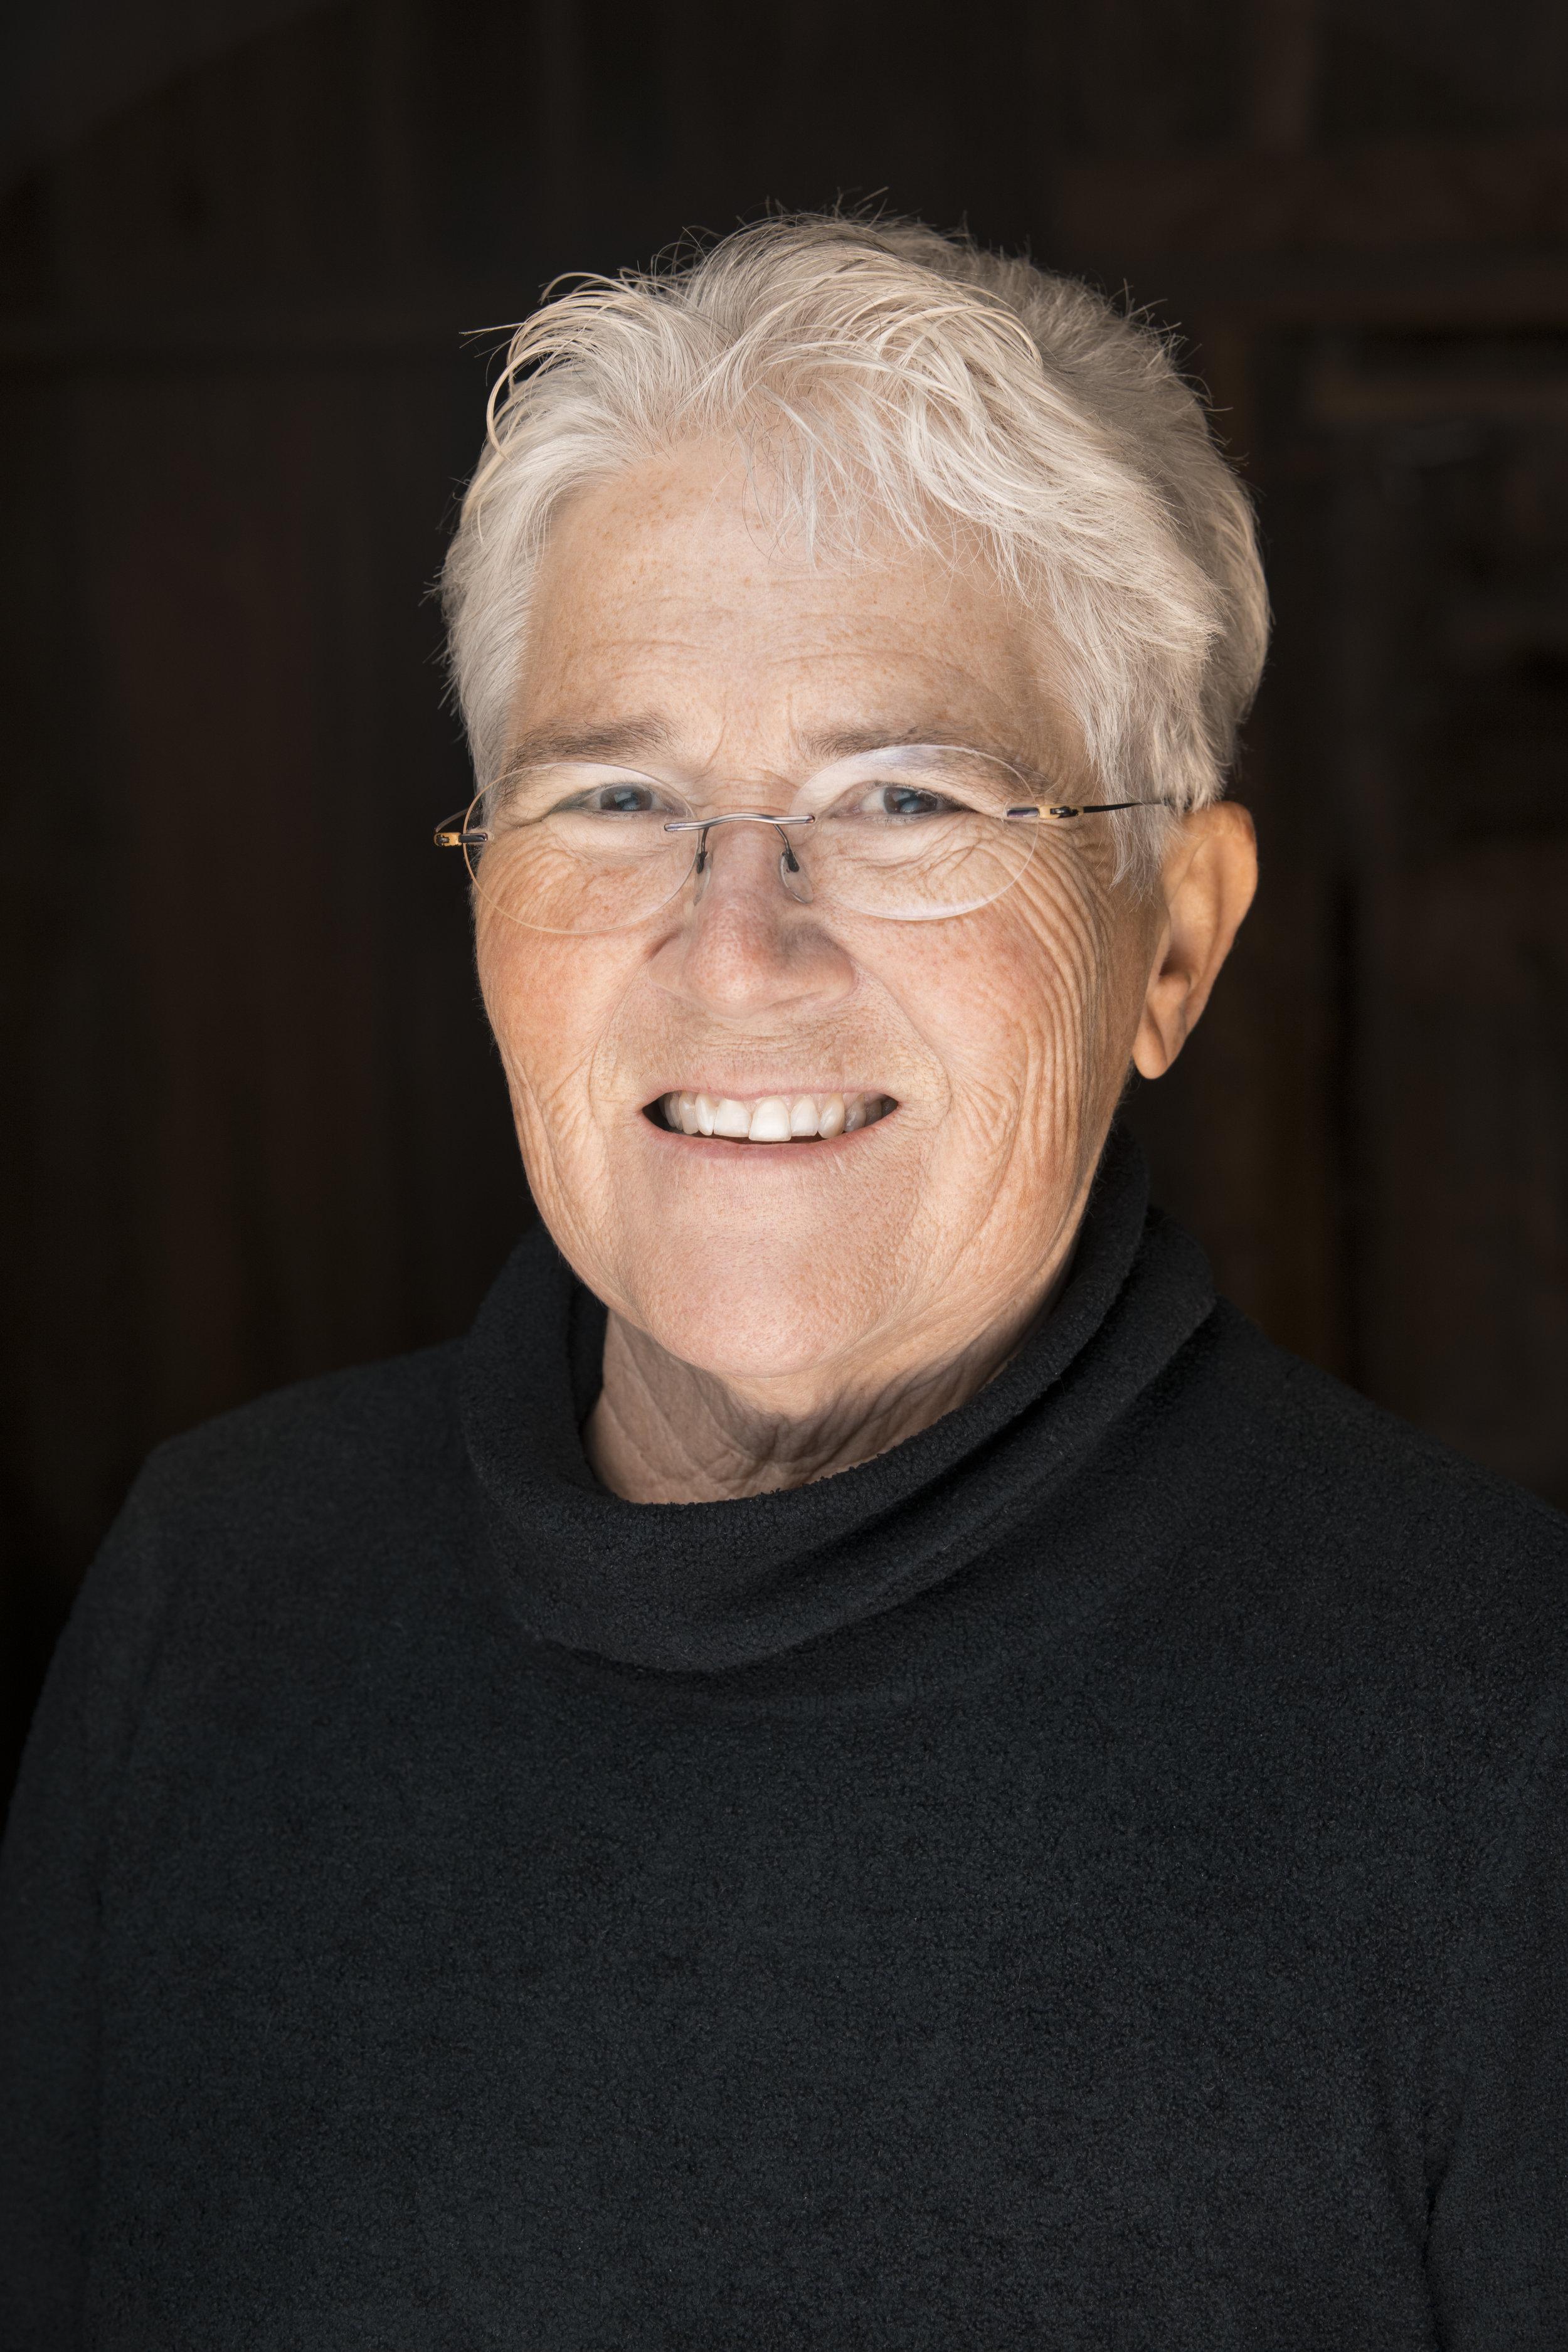 Lanita Witt, President